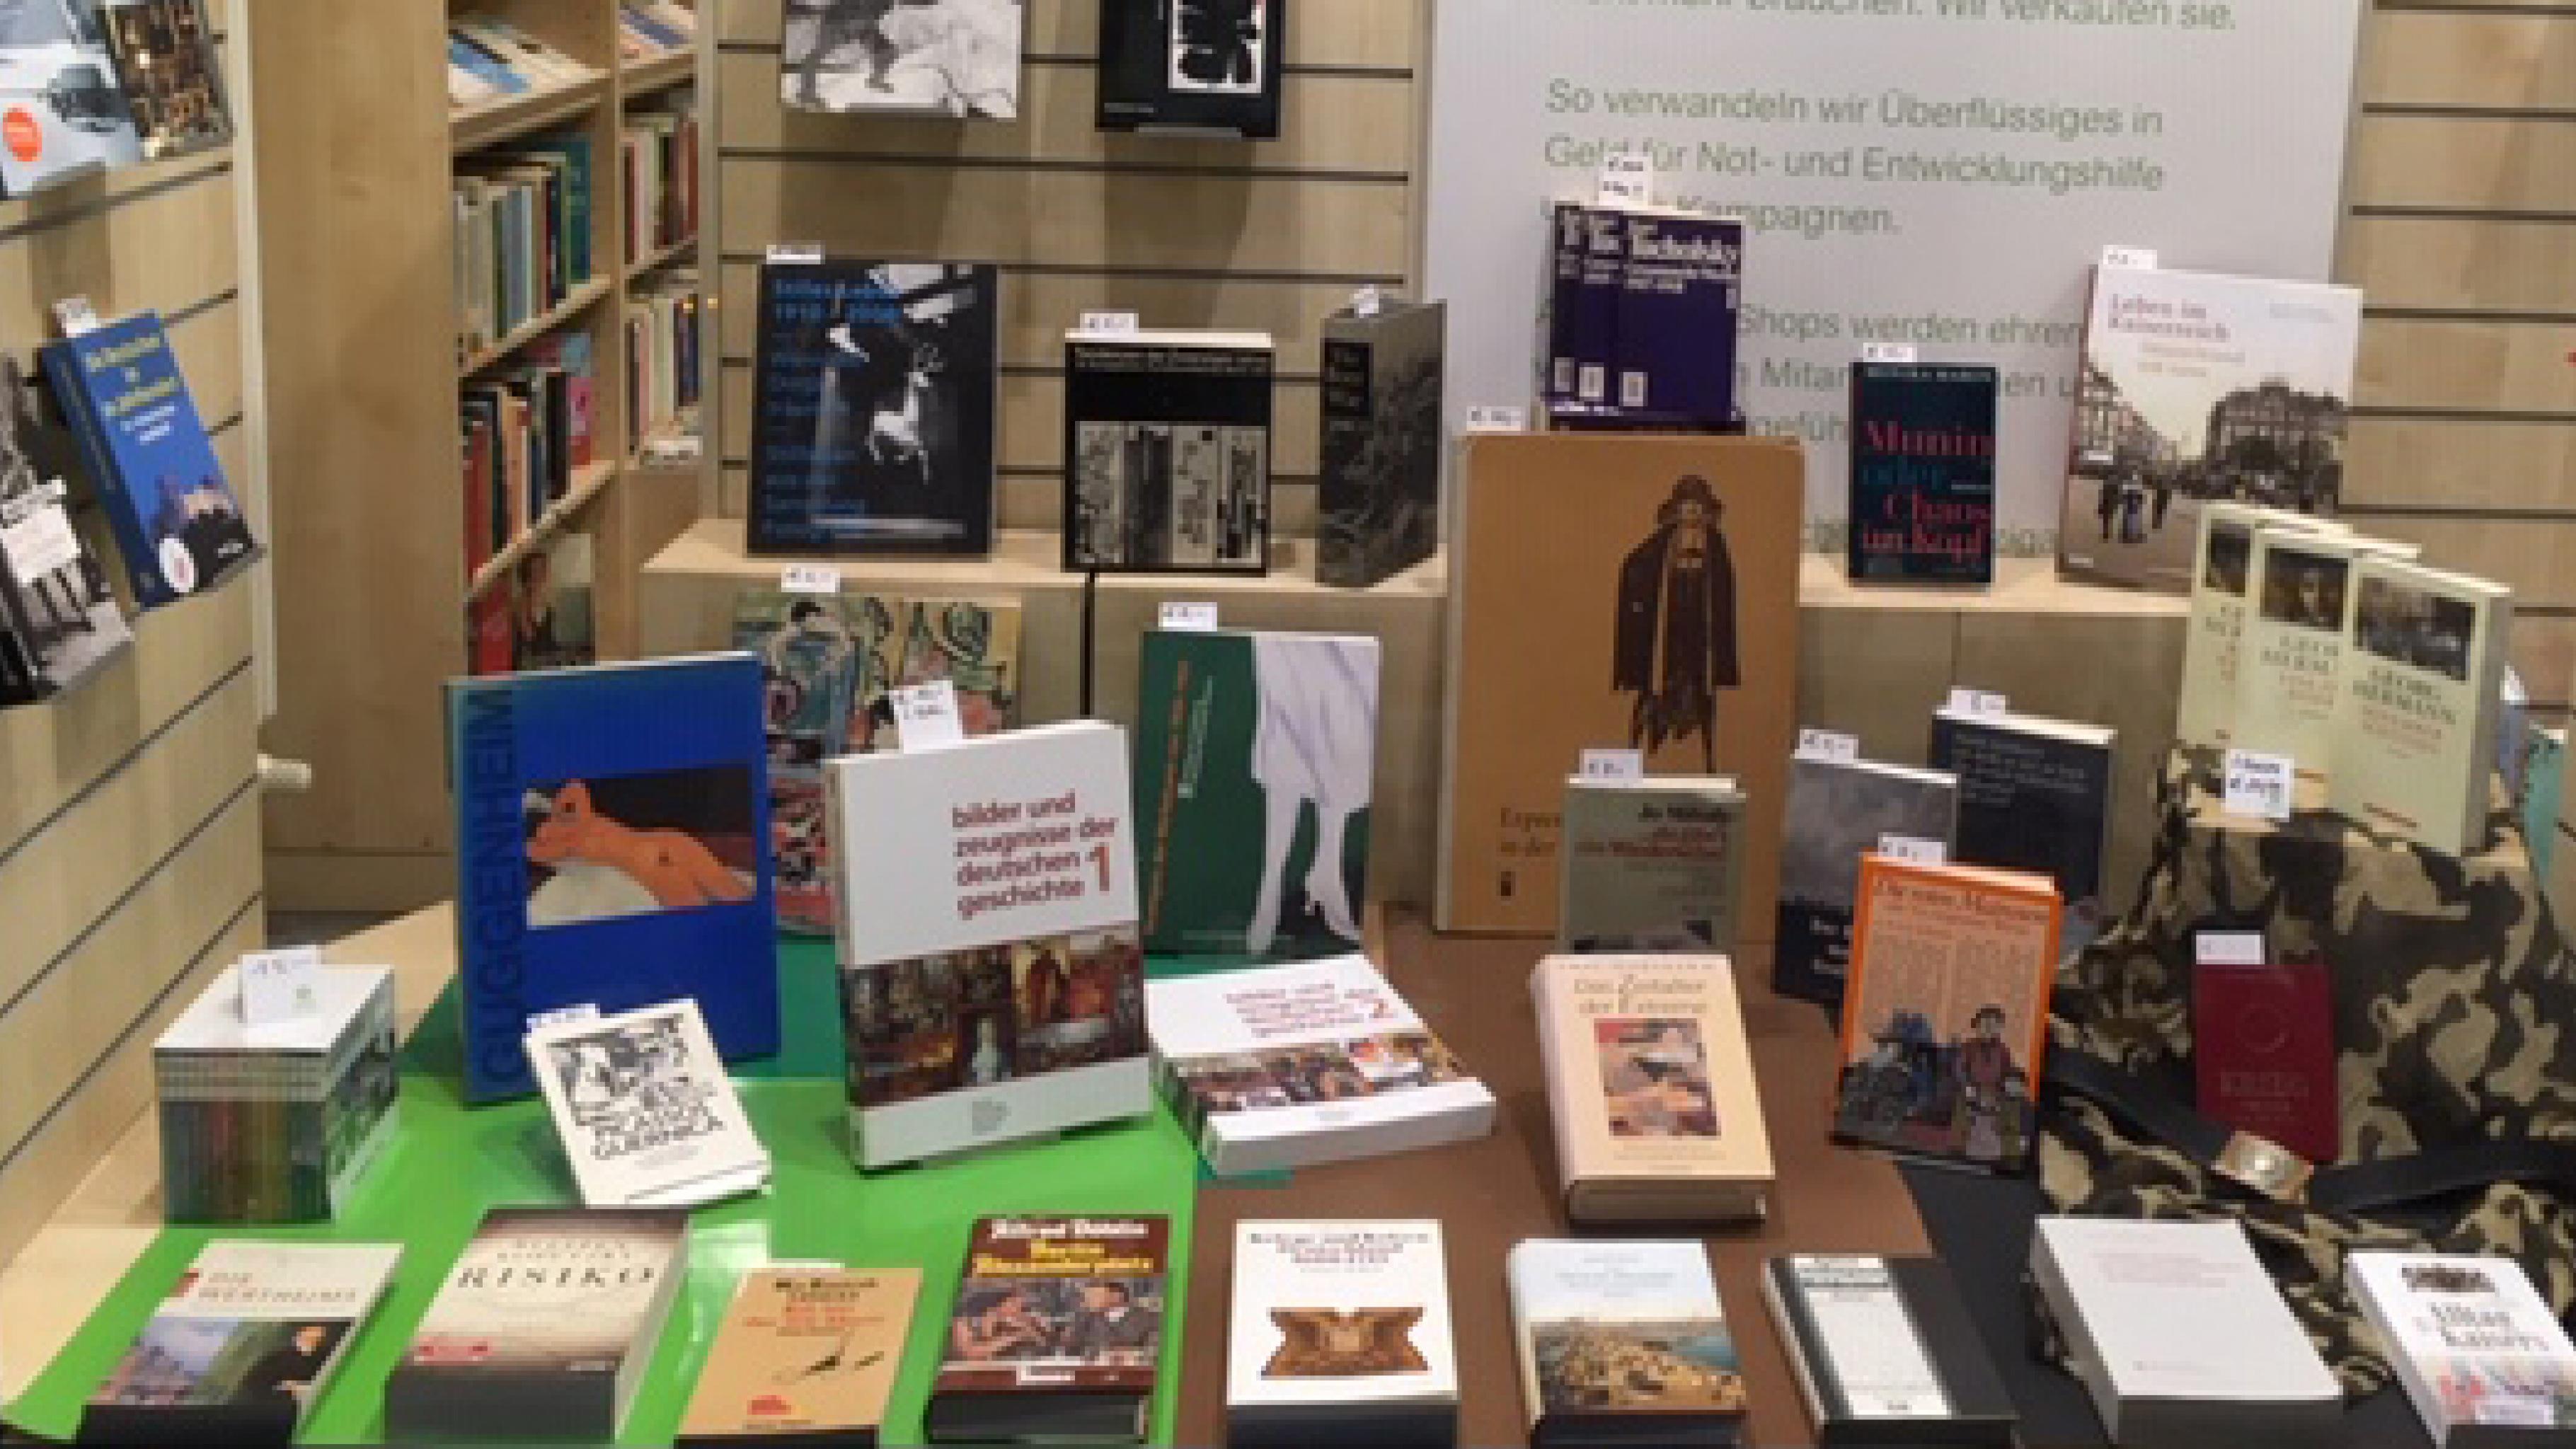 Schaufenster eines Oxfam Shops mit Büchern zu den Weltkriegen und zur Weimarer Republik